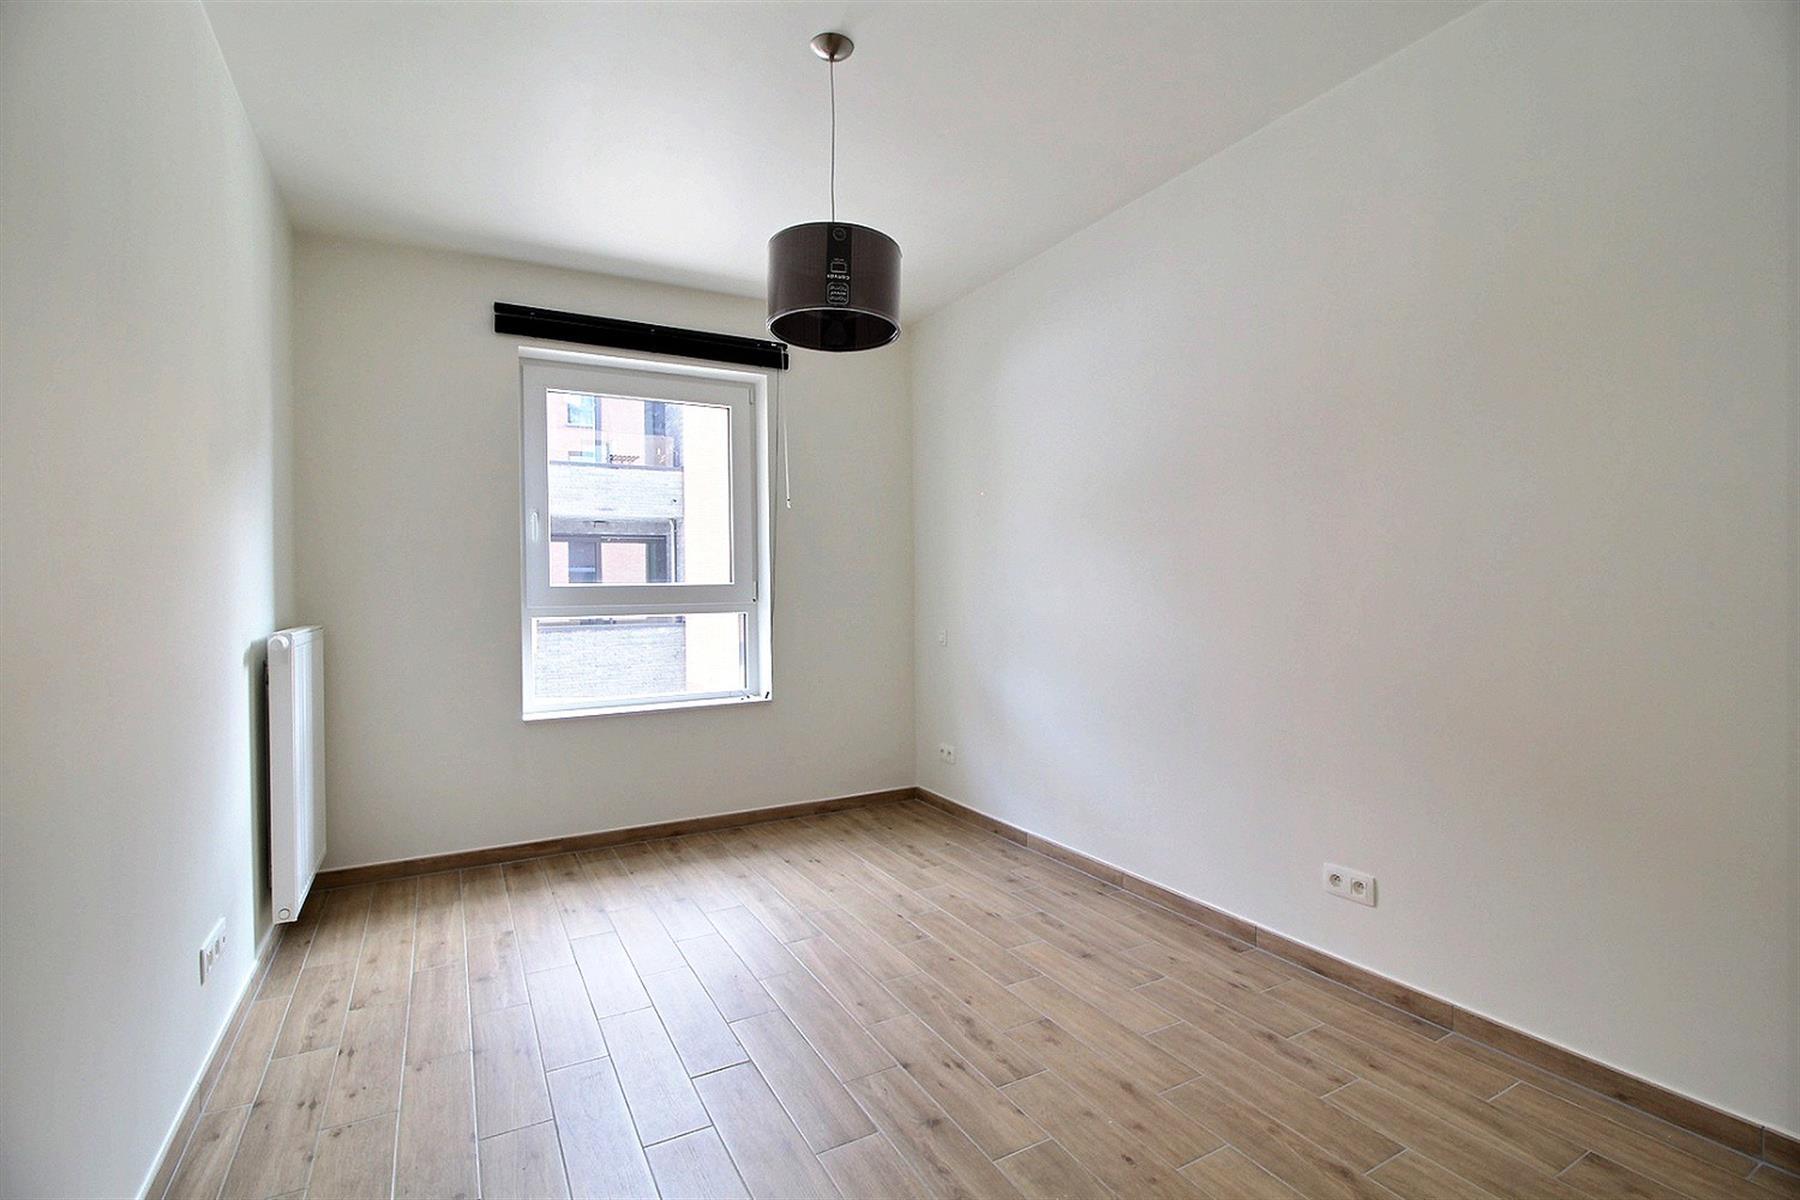 Appartement - Ottignies-Louvain-la-Neuve Louvain-la-Neuve - #4188555-4